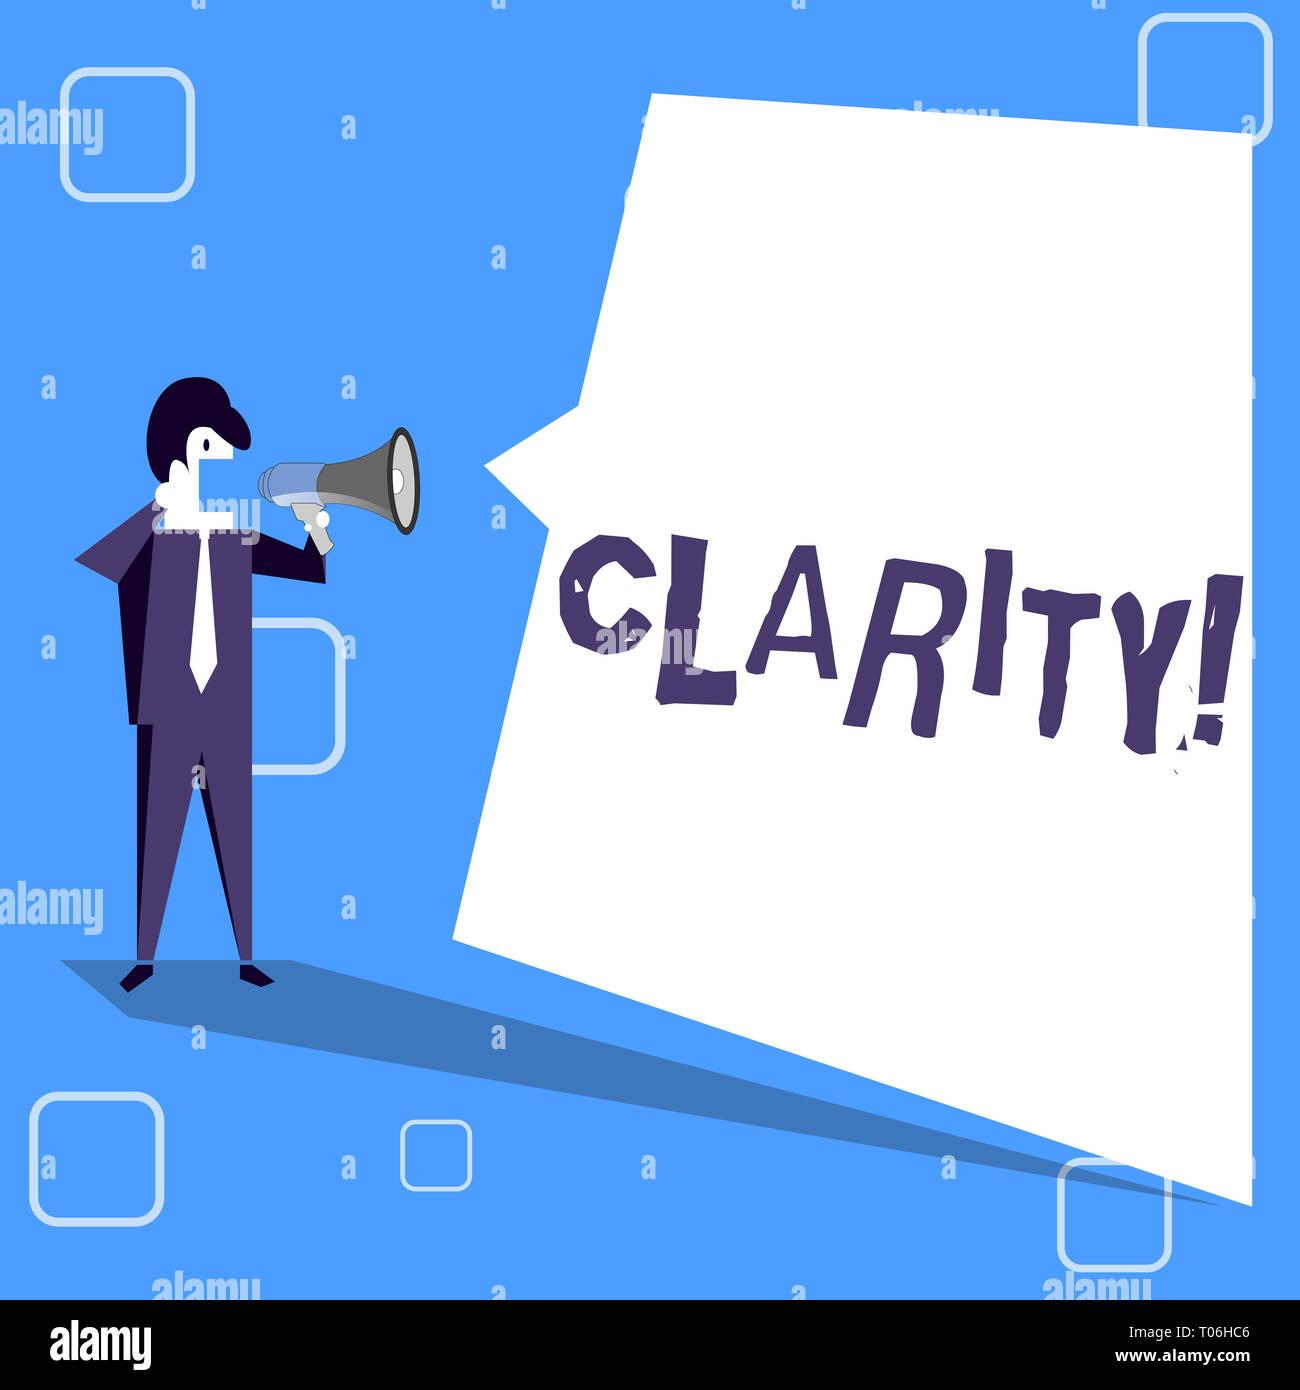 Escritura de texto escrito de claridad. Foto conceptual certeza Precision pureza comprensibilidad transparencia empresario precisión gritando en Megaphon Imagen De Stock